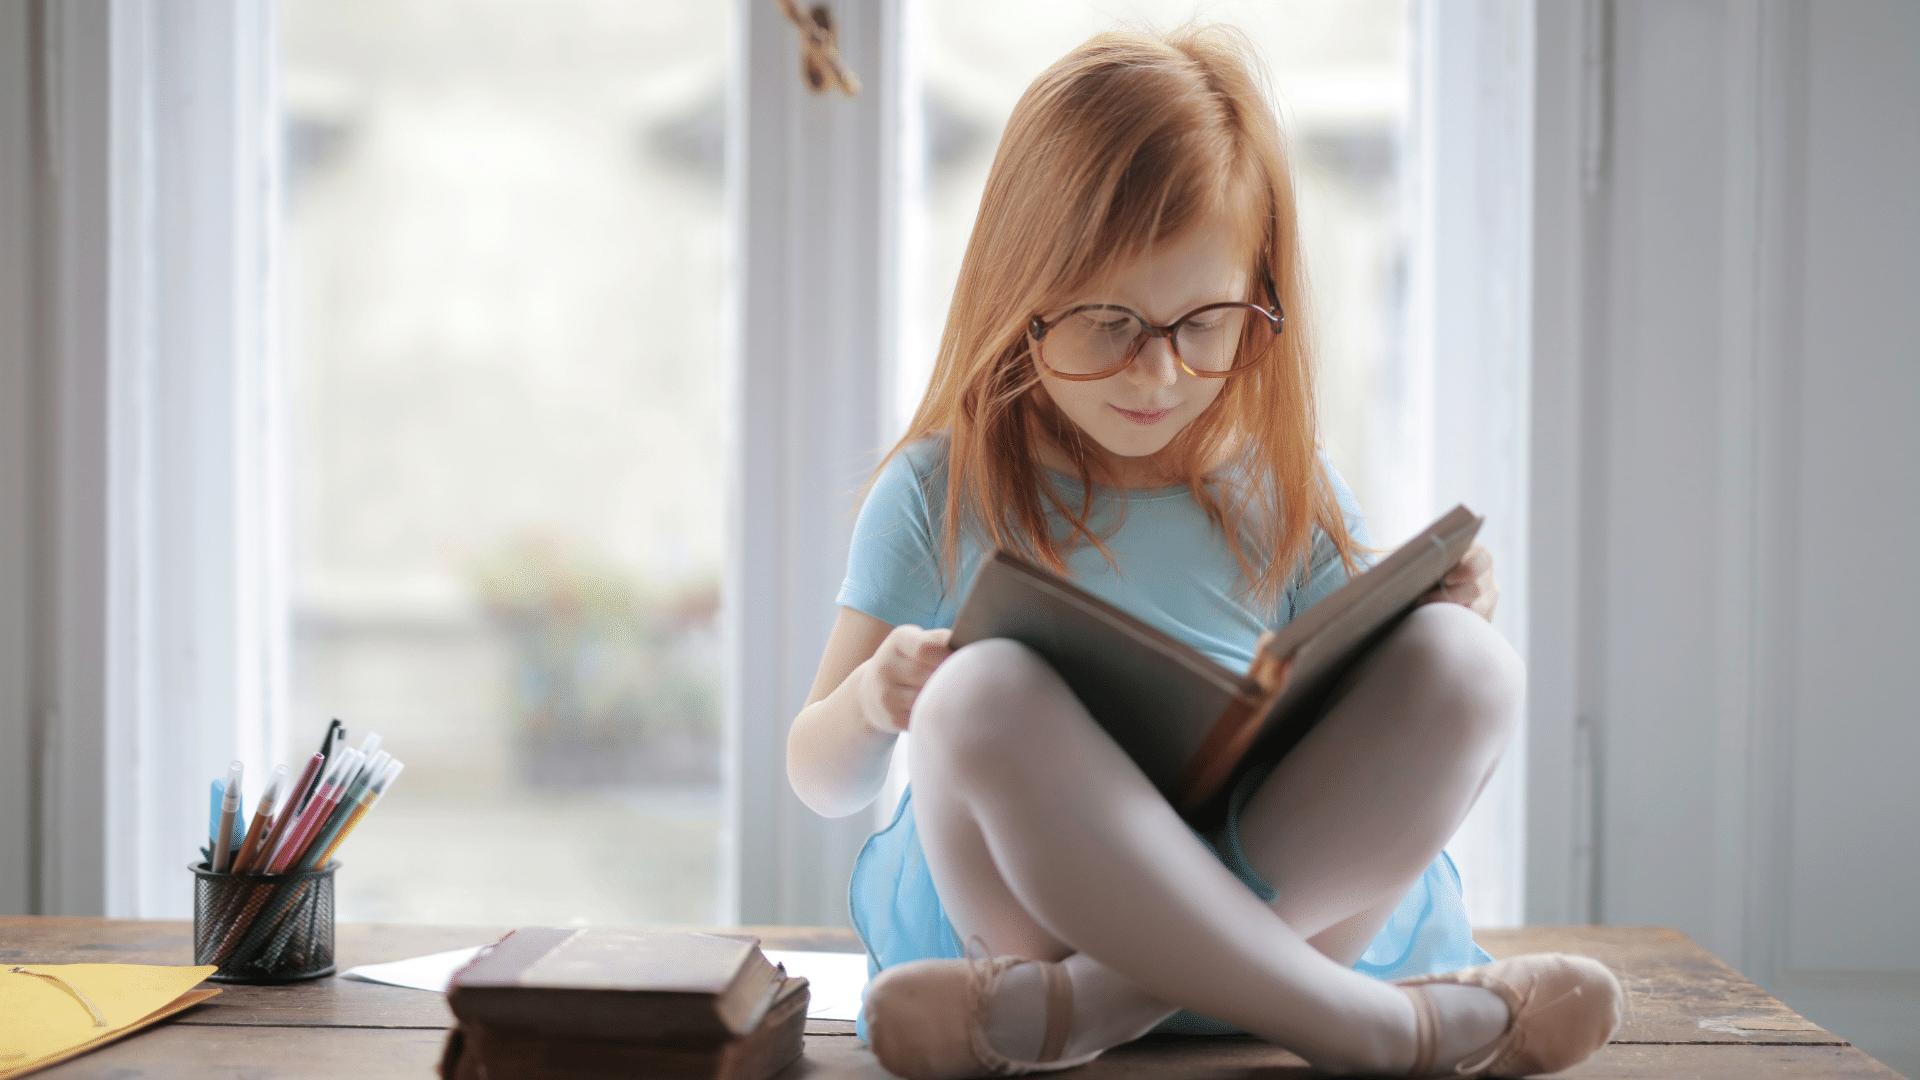 Bøger til børn, bøger for børn, efterårsferie, ferielæsning, efterårsferielæsning, ferie